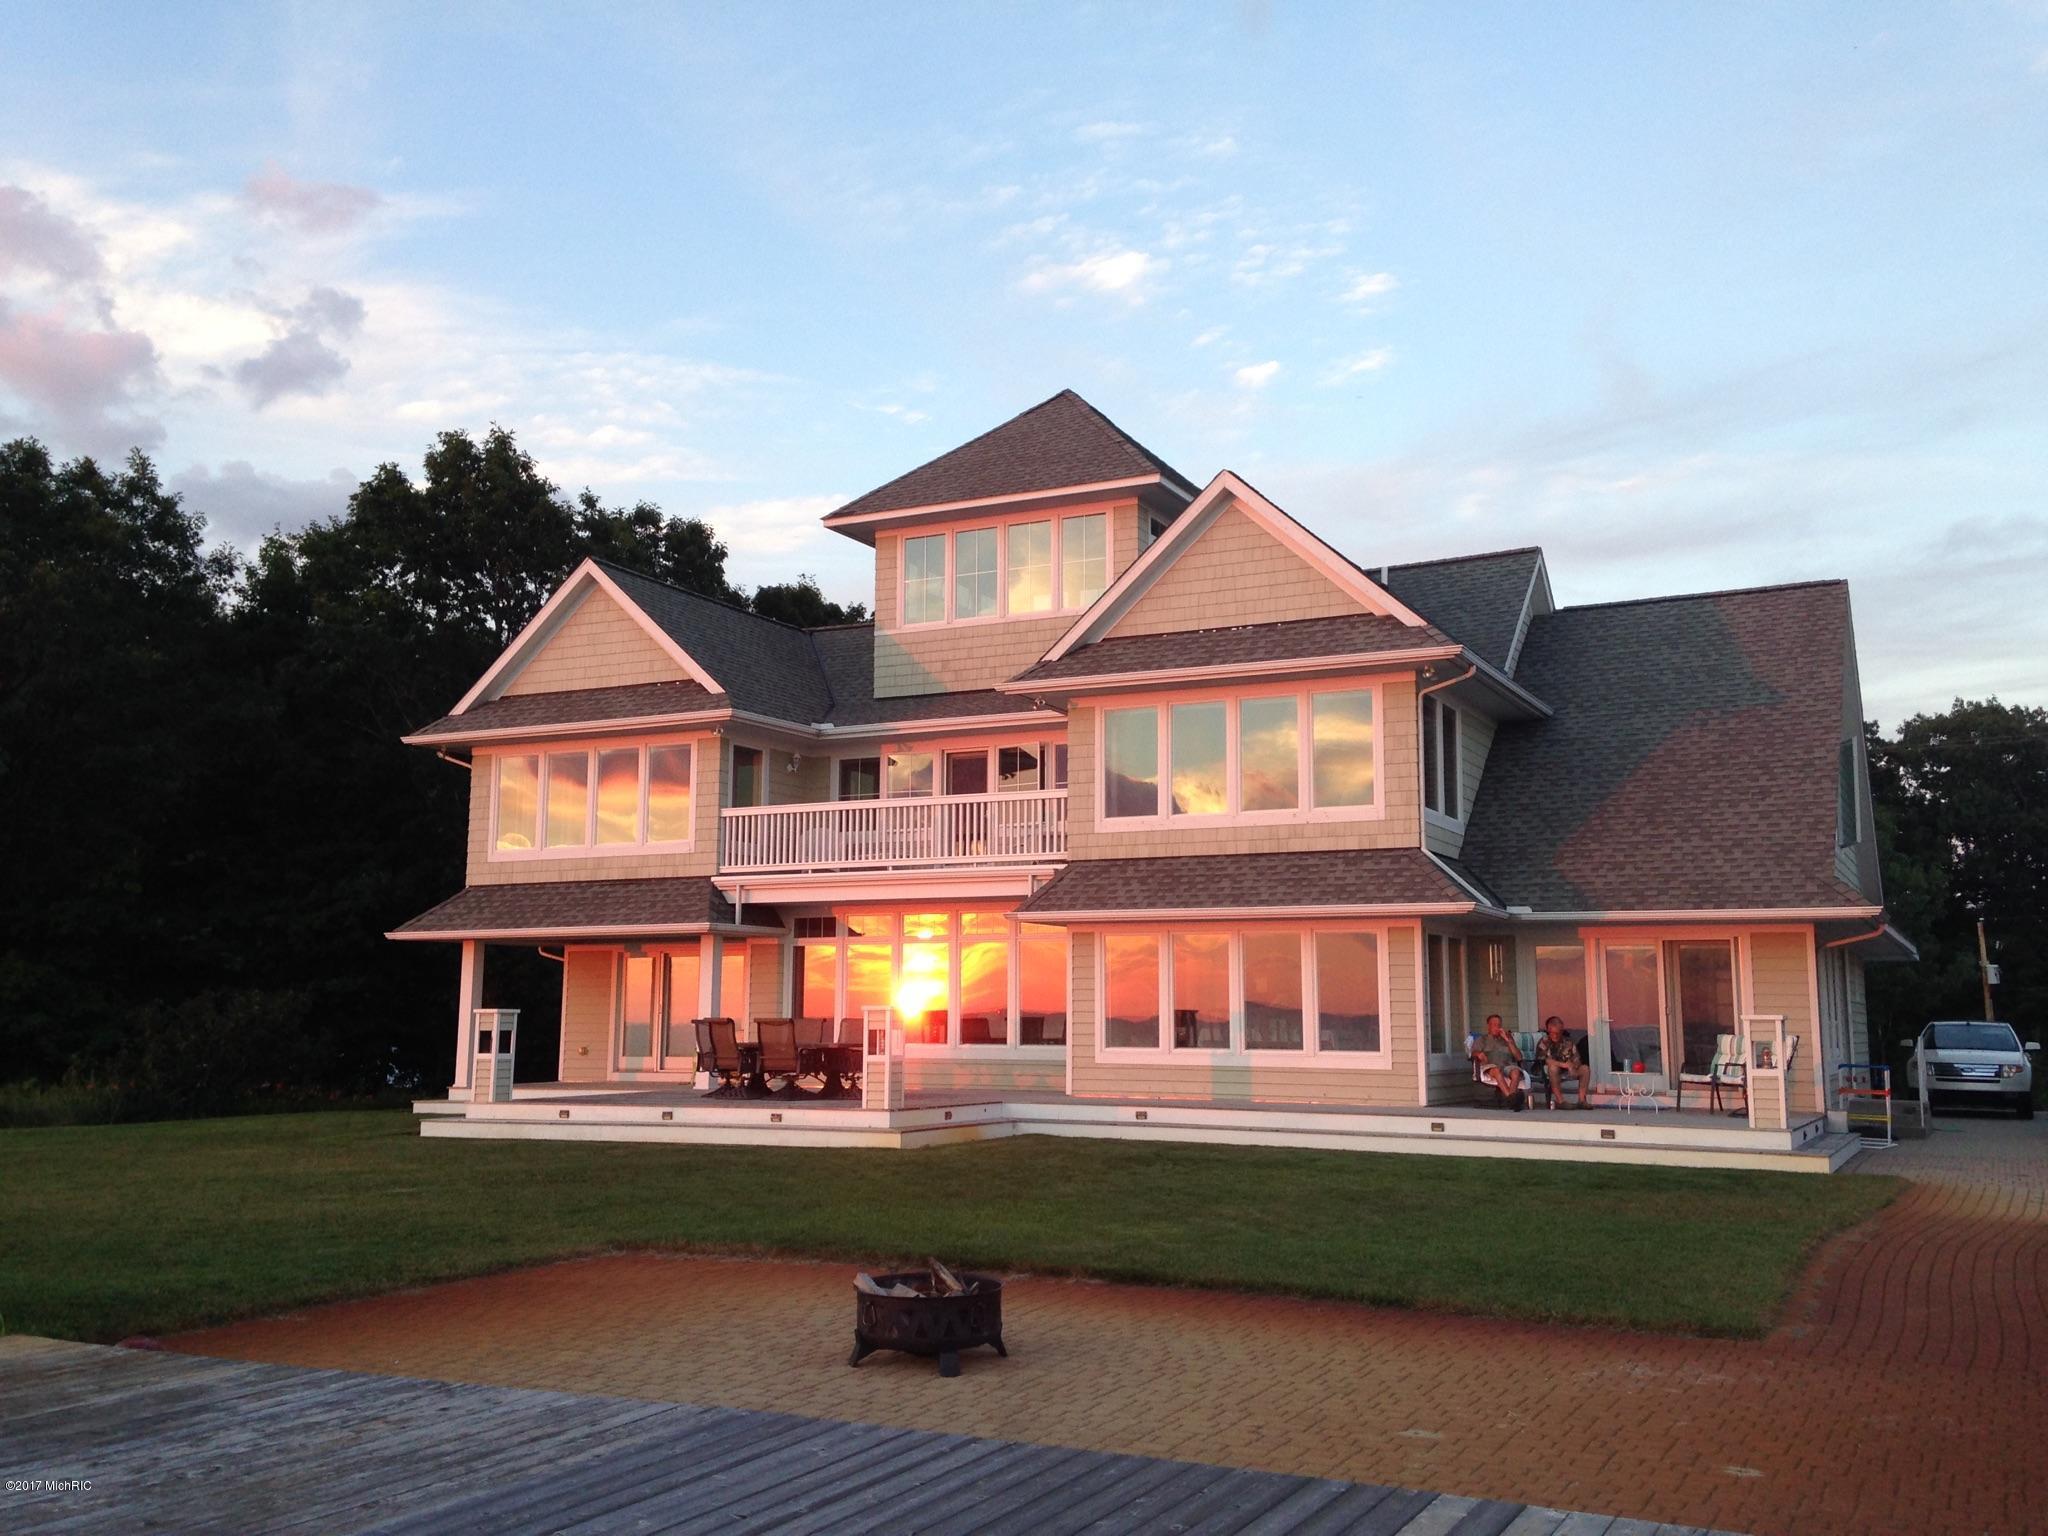 独户住宅 为 销售 在 17080 Lakeshore Hills 17080 Lakeshore Hills 西奥利弗, 密歇根州 49460 美国